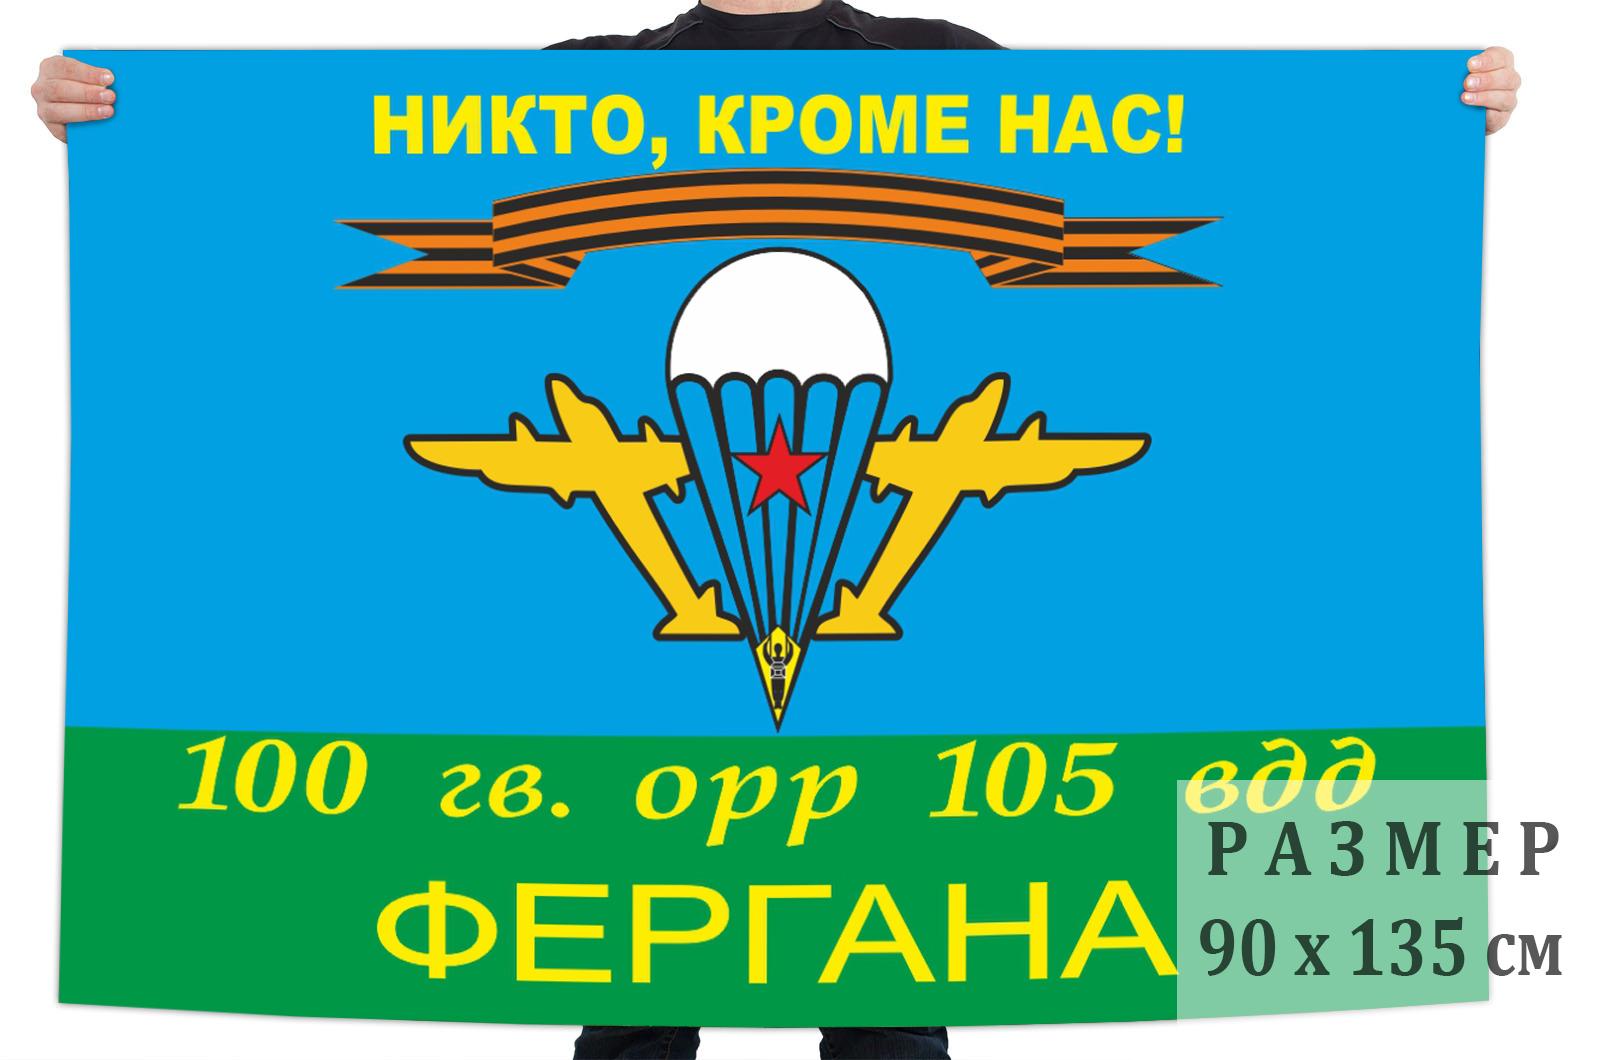 """Флаг ВДВ """"Никто, кроме нас!"""" 100 Гв. ОРР 105 ВДД Фергана"""